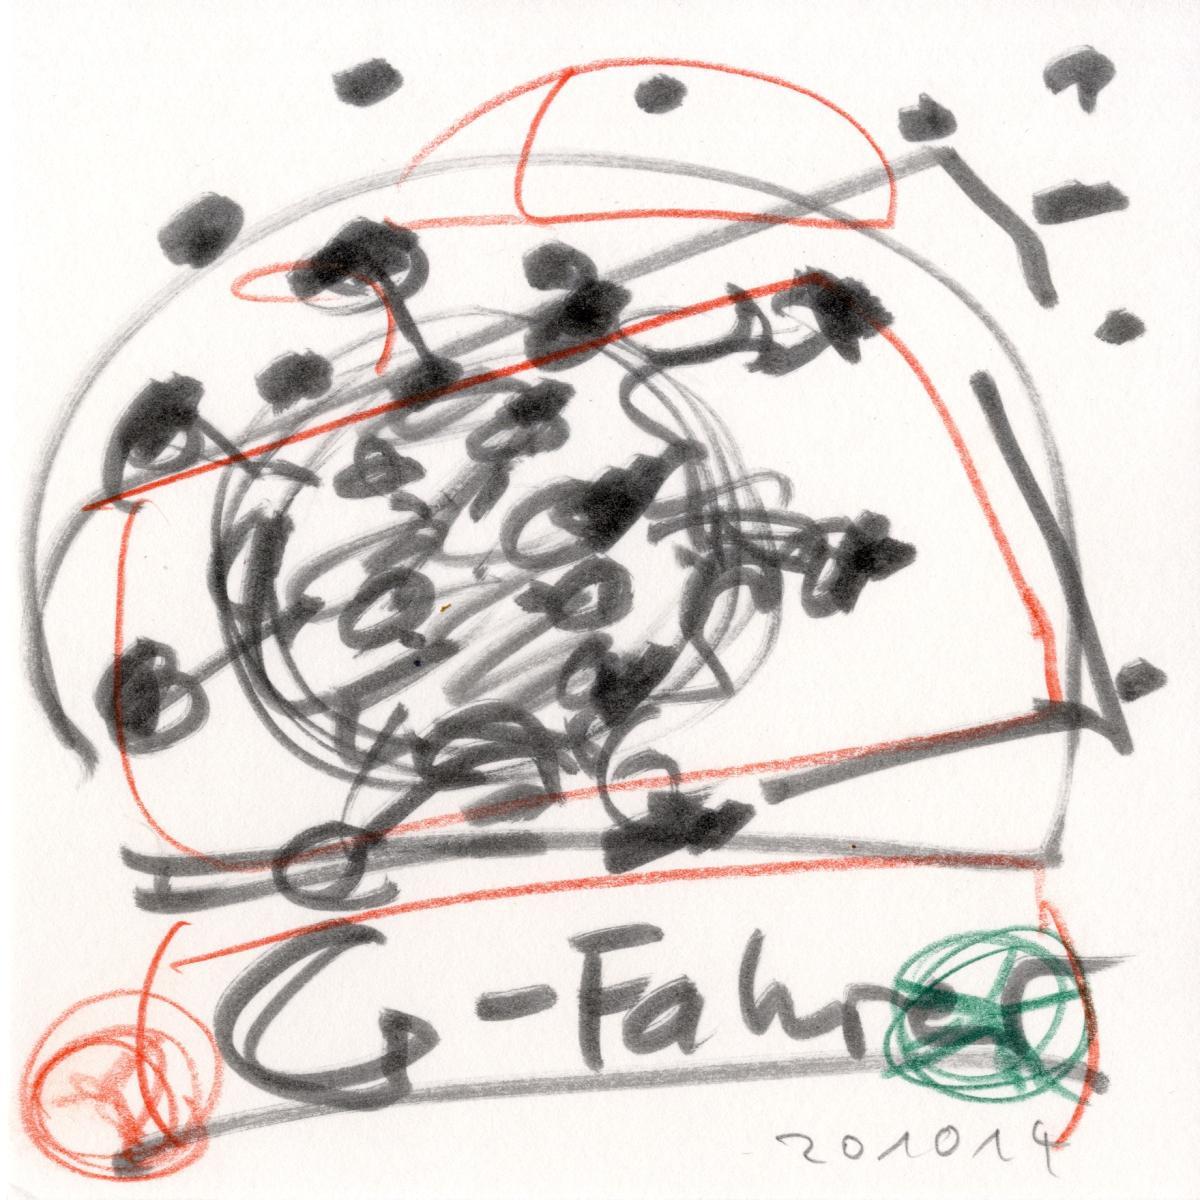 cdia_201014